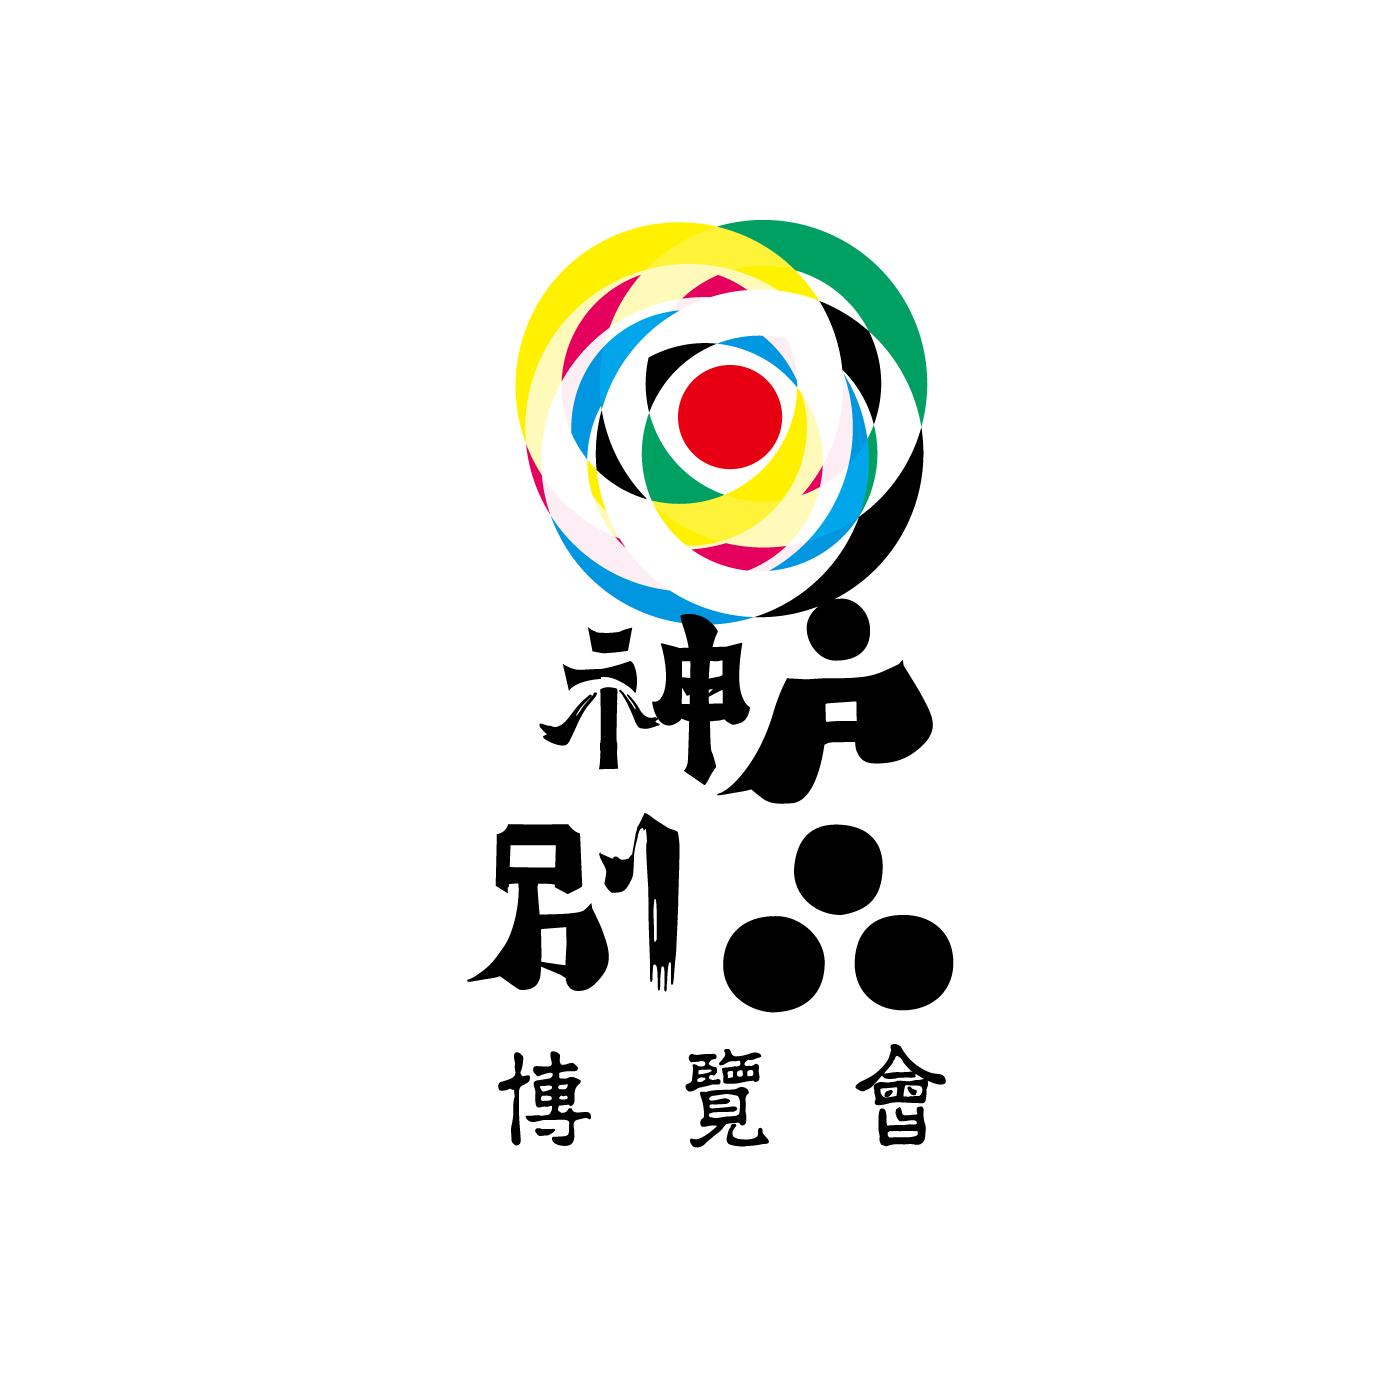 神戸の企業とクリエイターが特別な品「別品」を作るプロジェクト「神戸別品博覧会」のために開発されました。